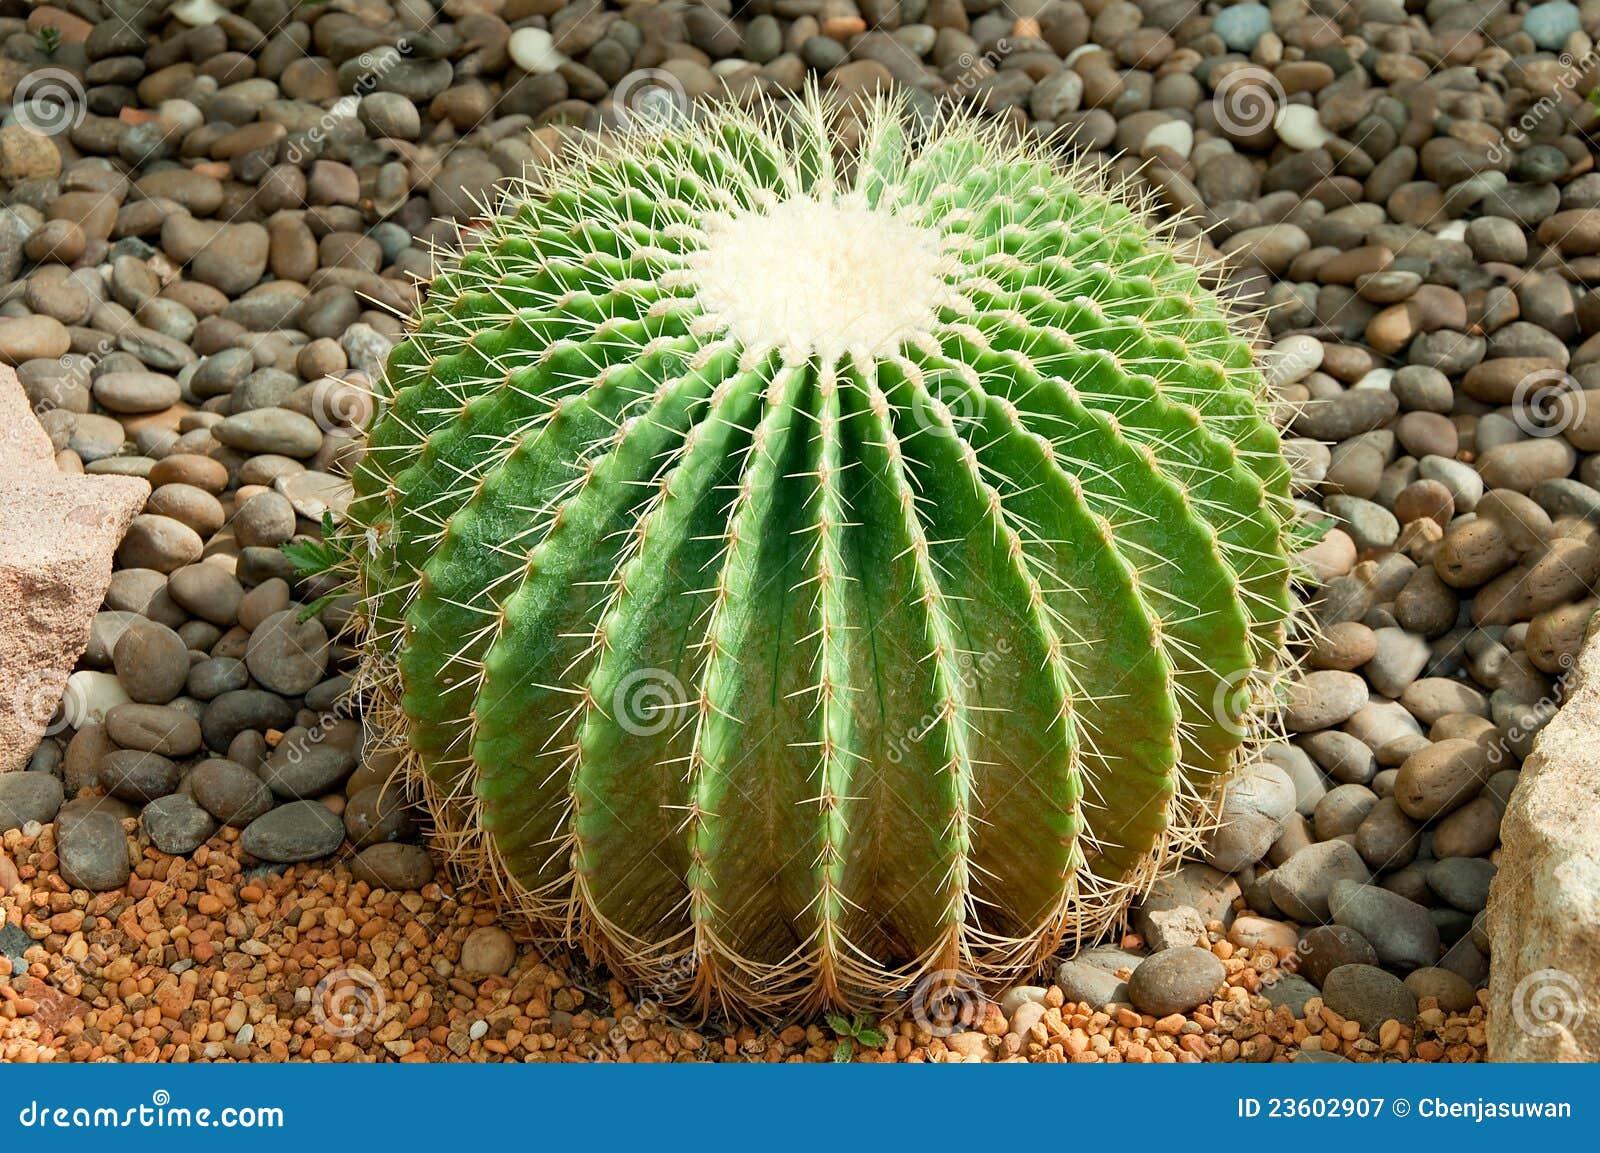 The Golden ball cactus